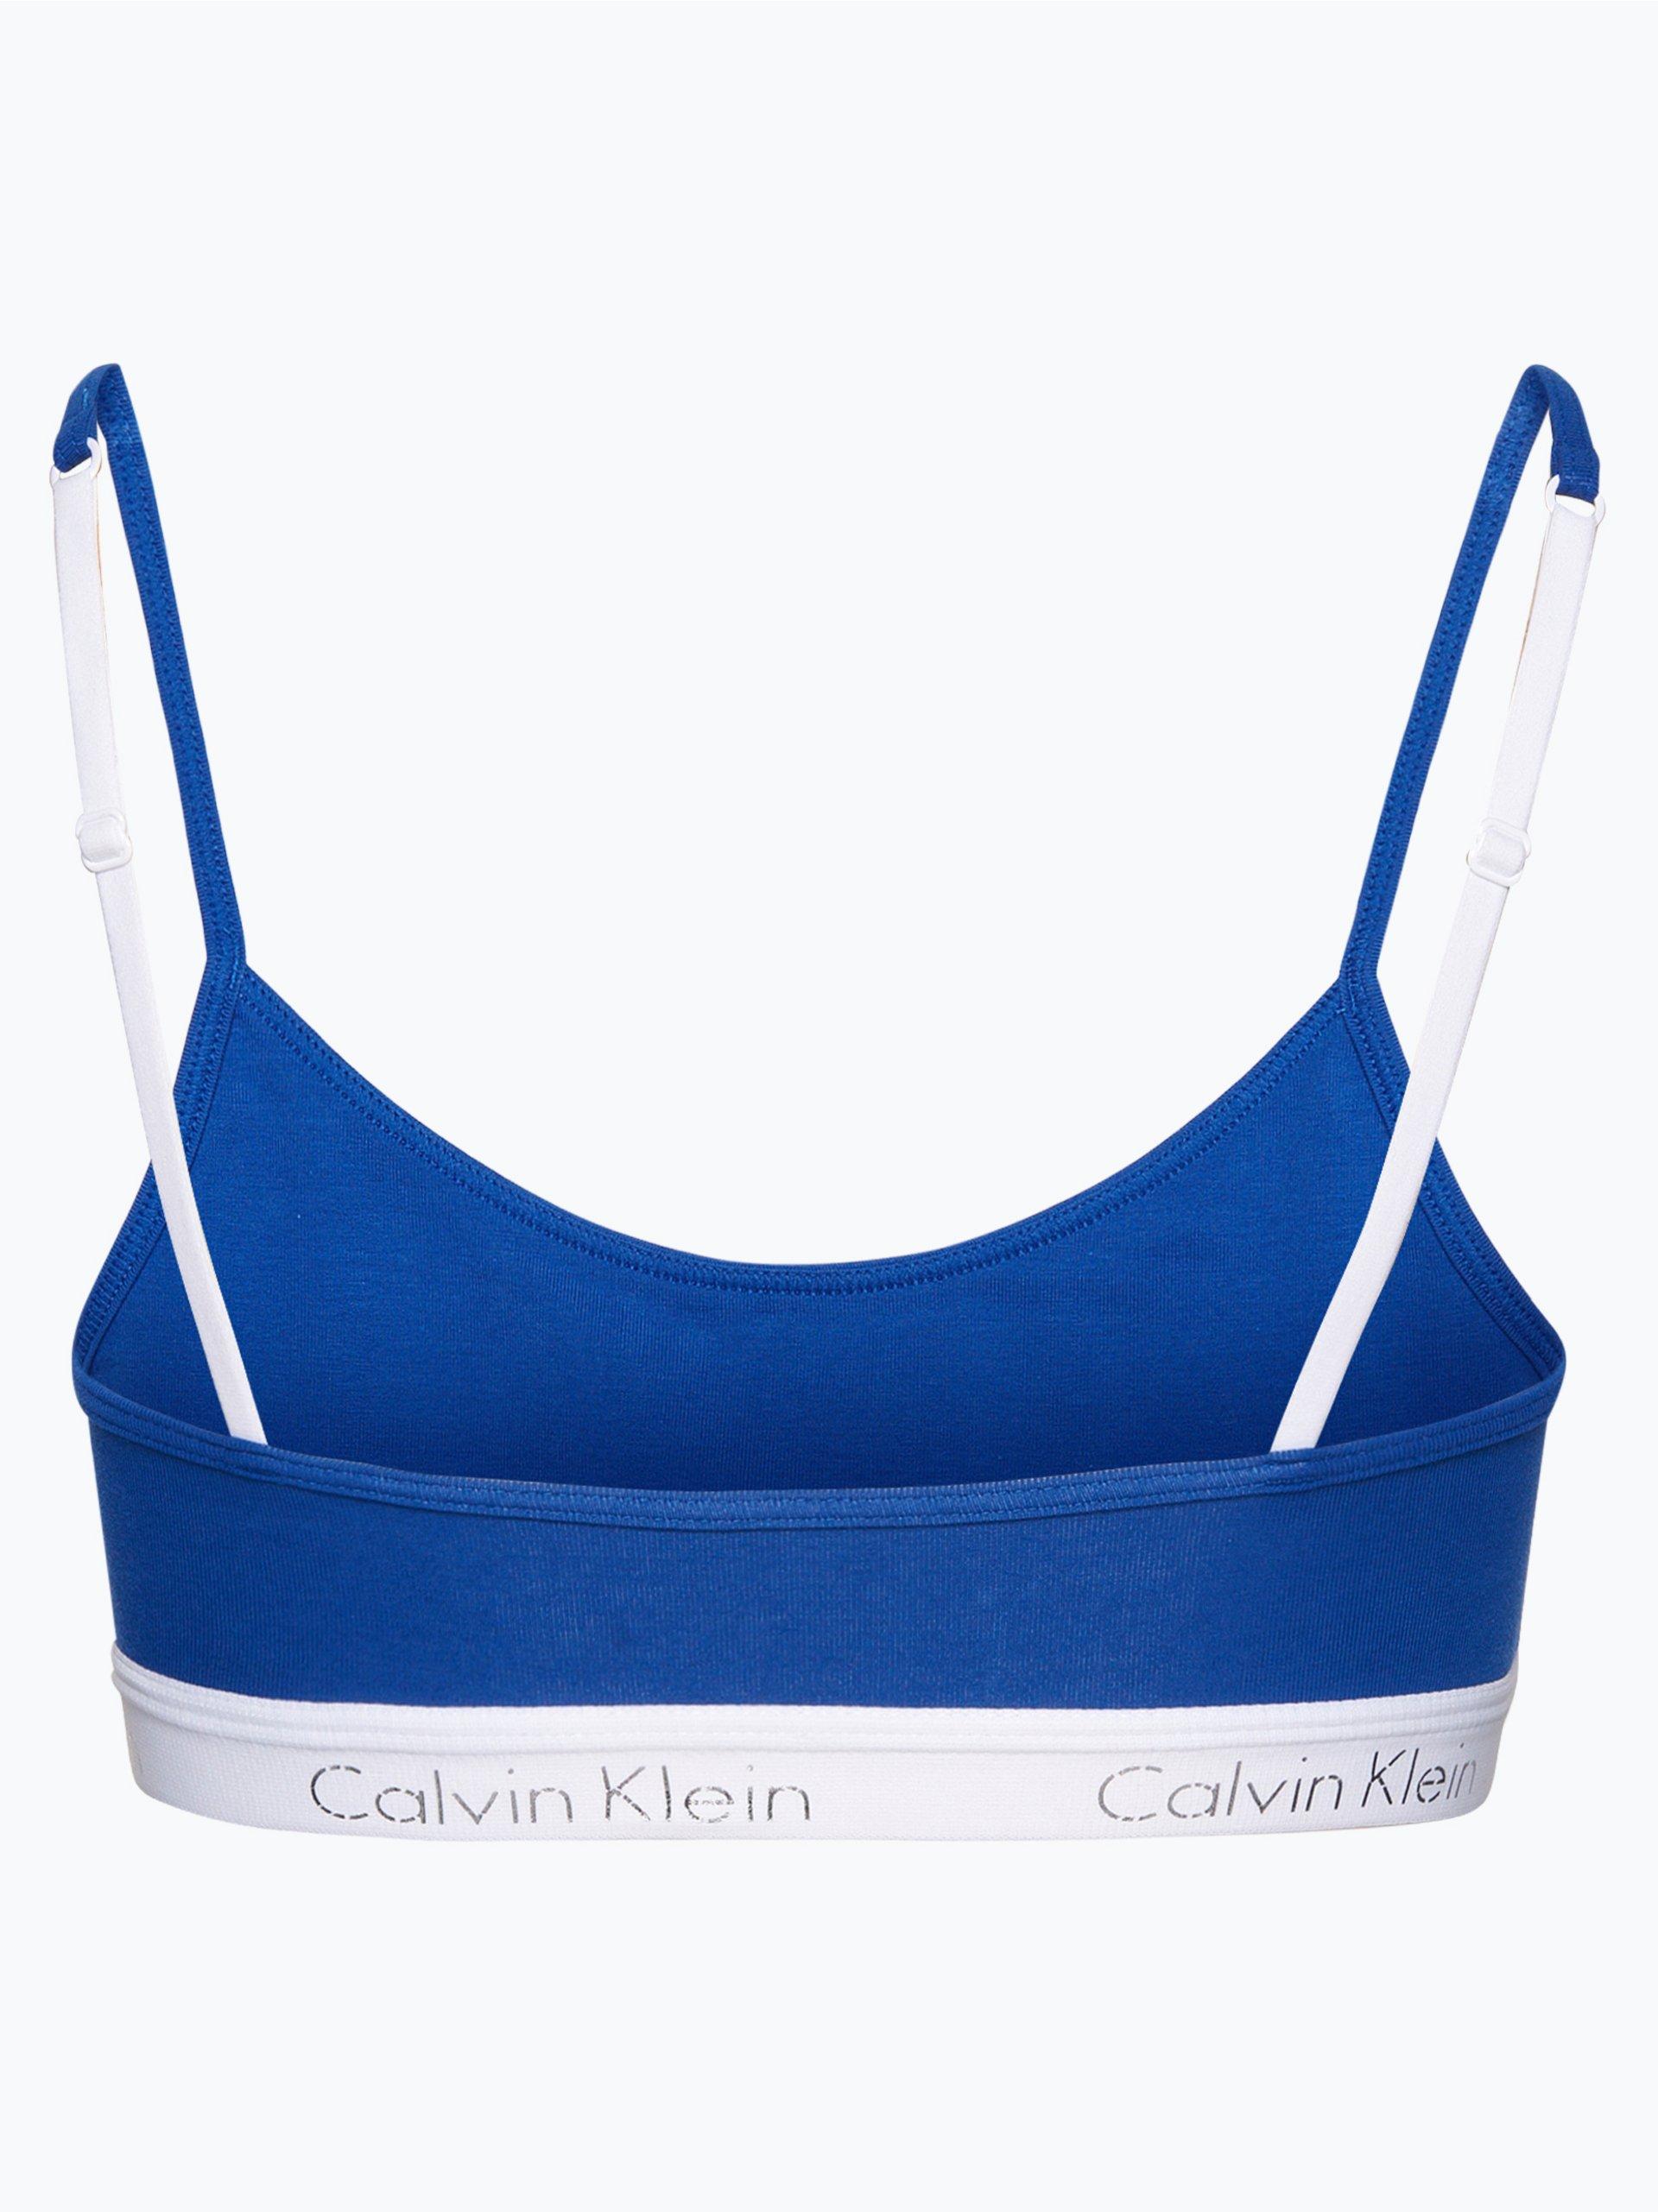 calvin klein damen bustier blau uni online kaufen. Black Bedroom Furniture Sets. Home Design Ideas